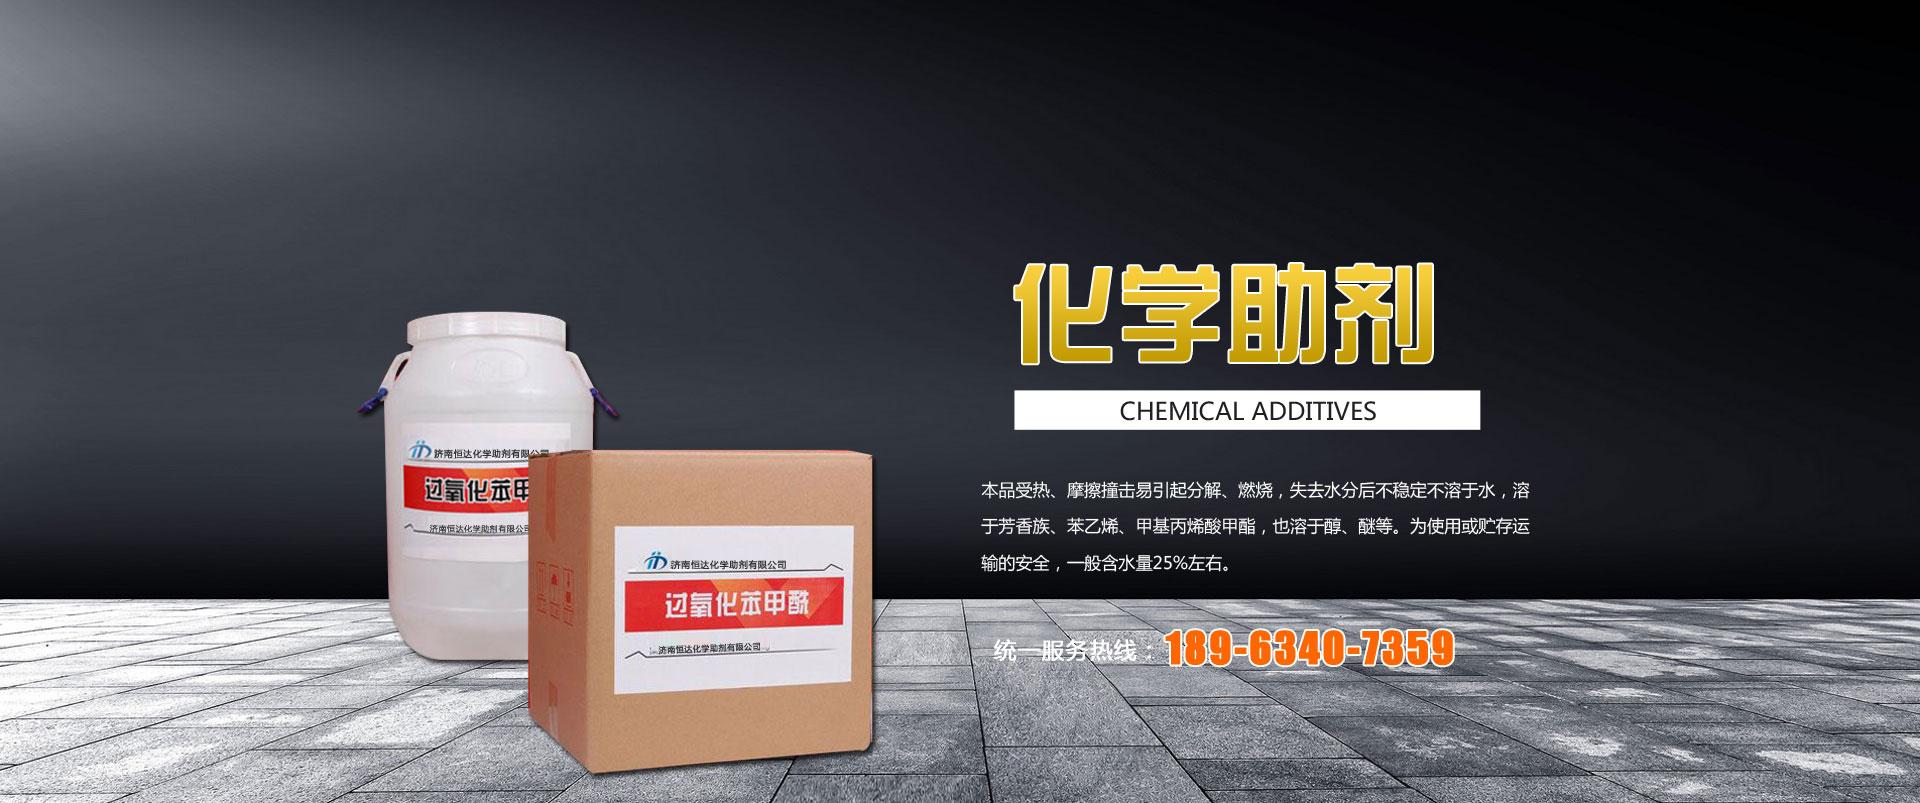 济南恒达化学助剂有限公司